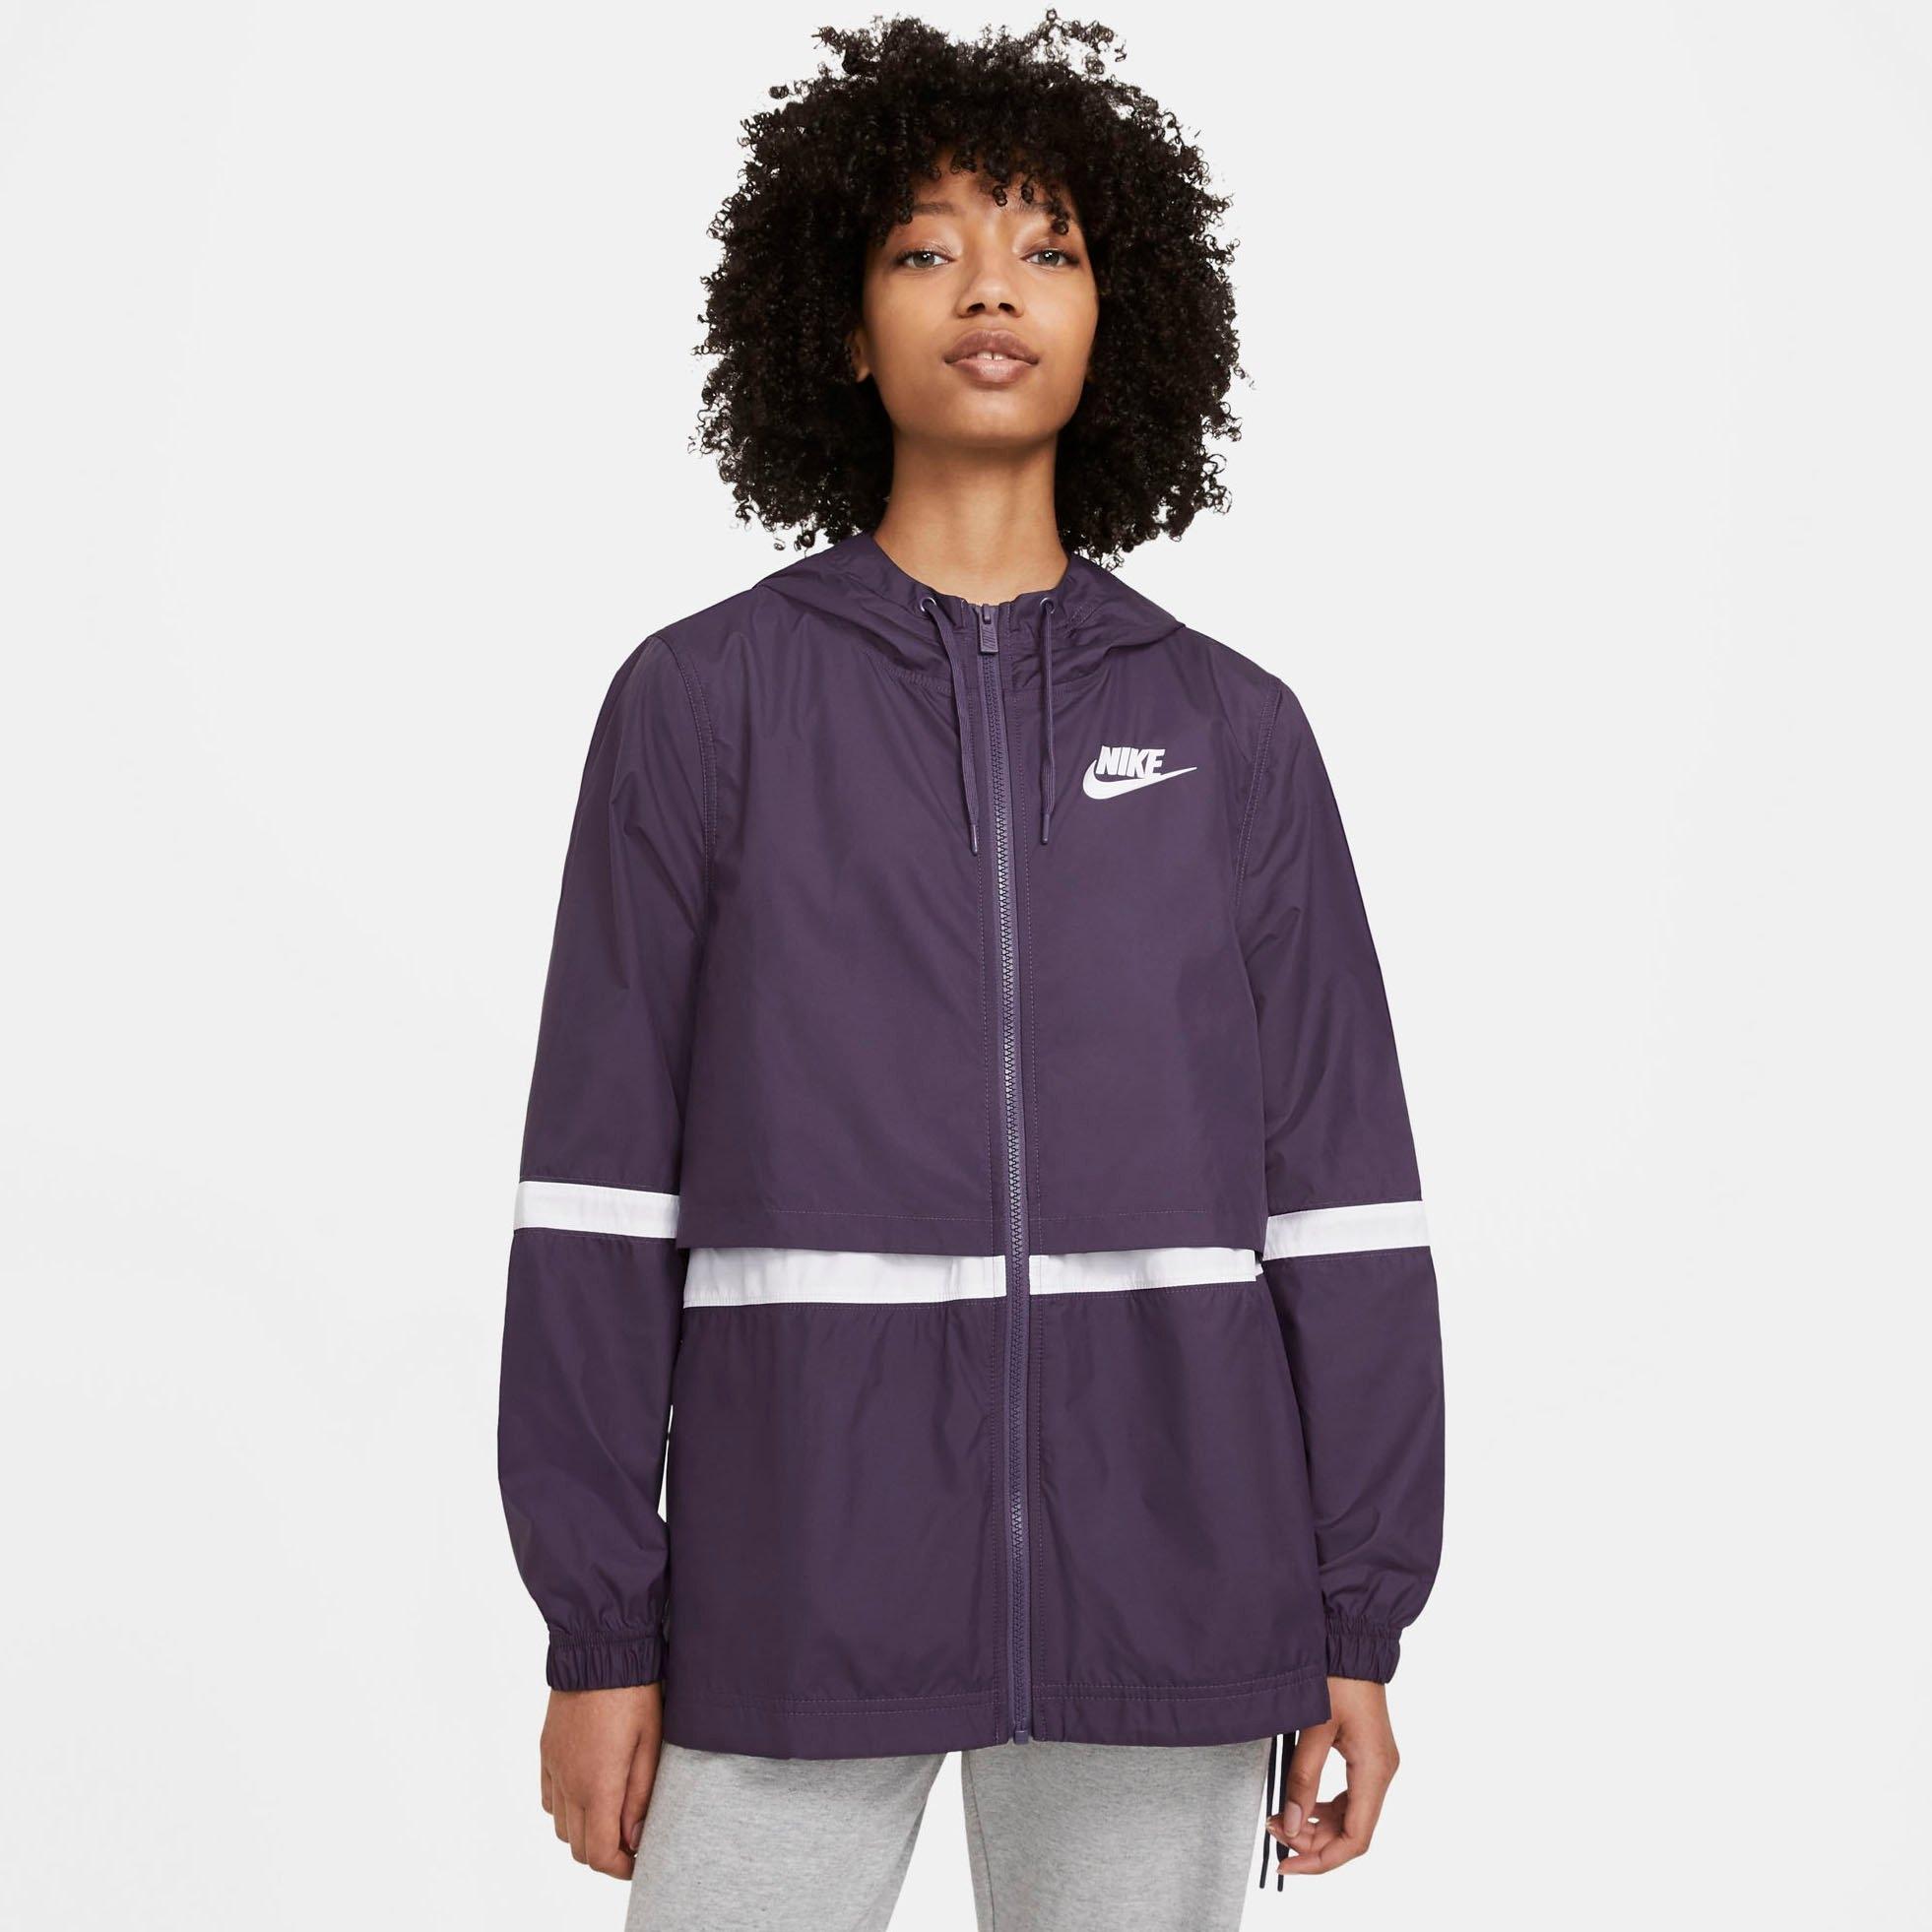 Nike trainingsjack »Women's Nike Sportswear Woven Jacke« nu online bestellen